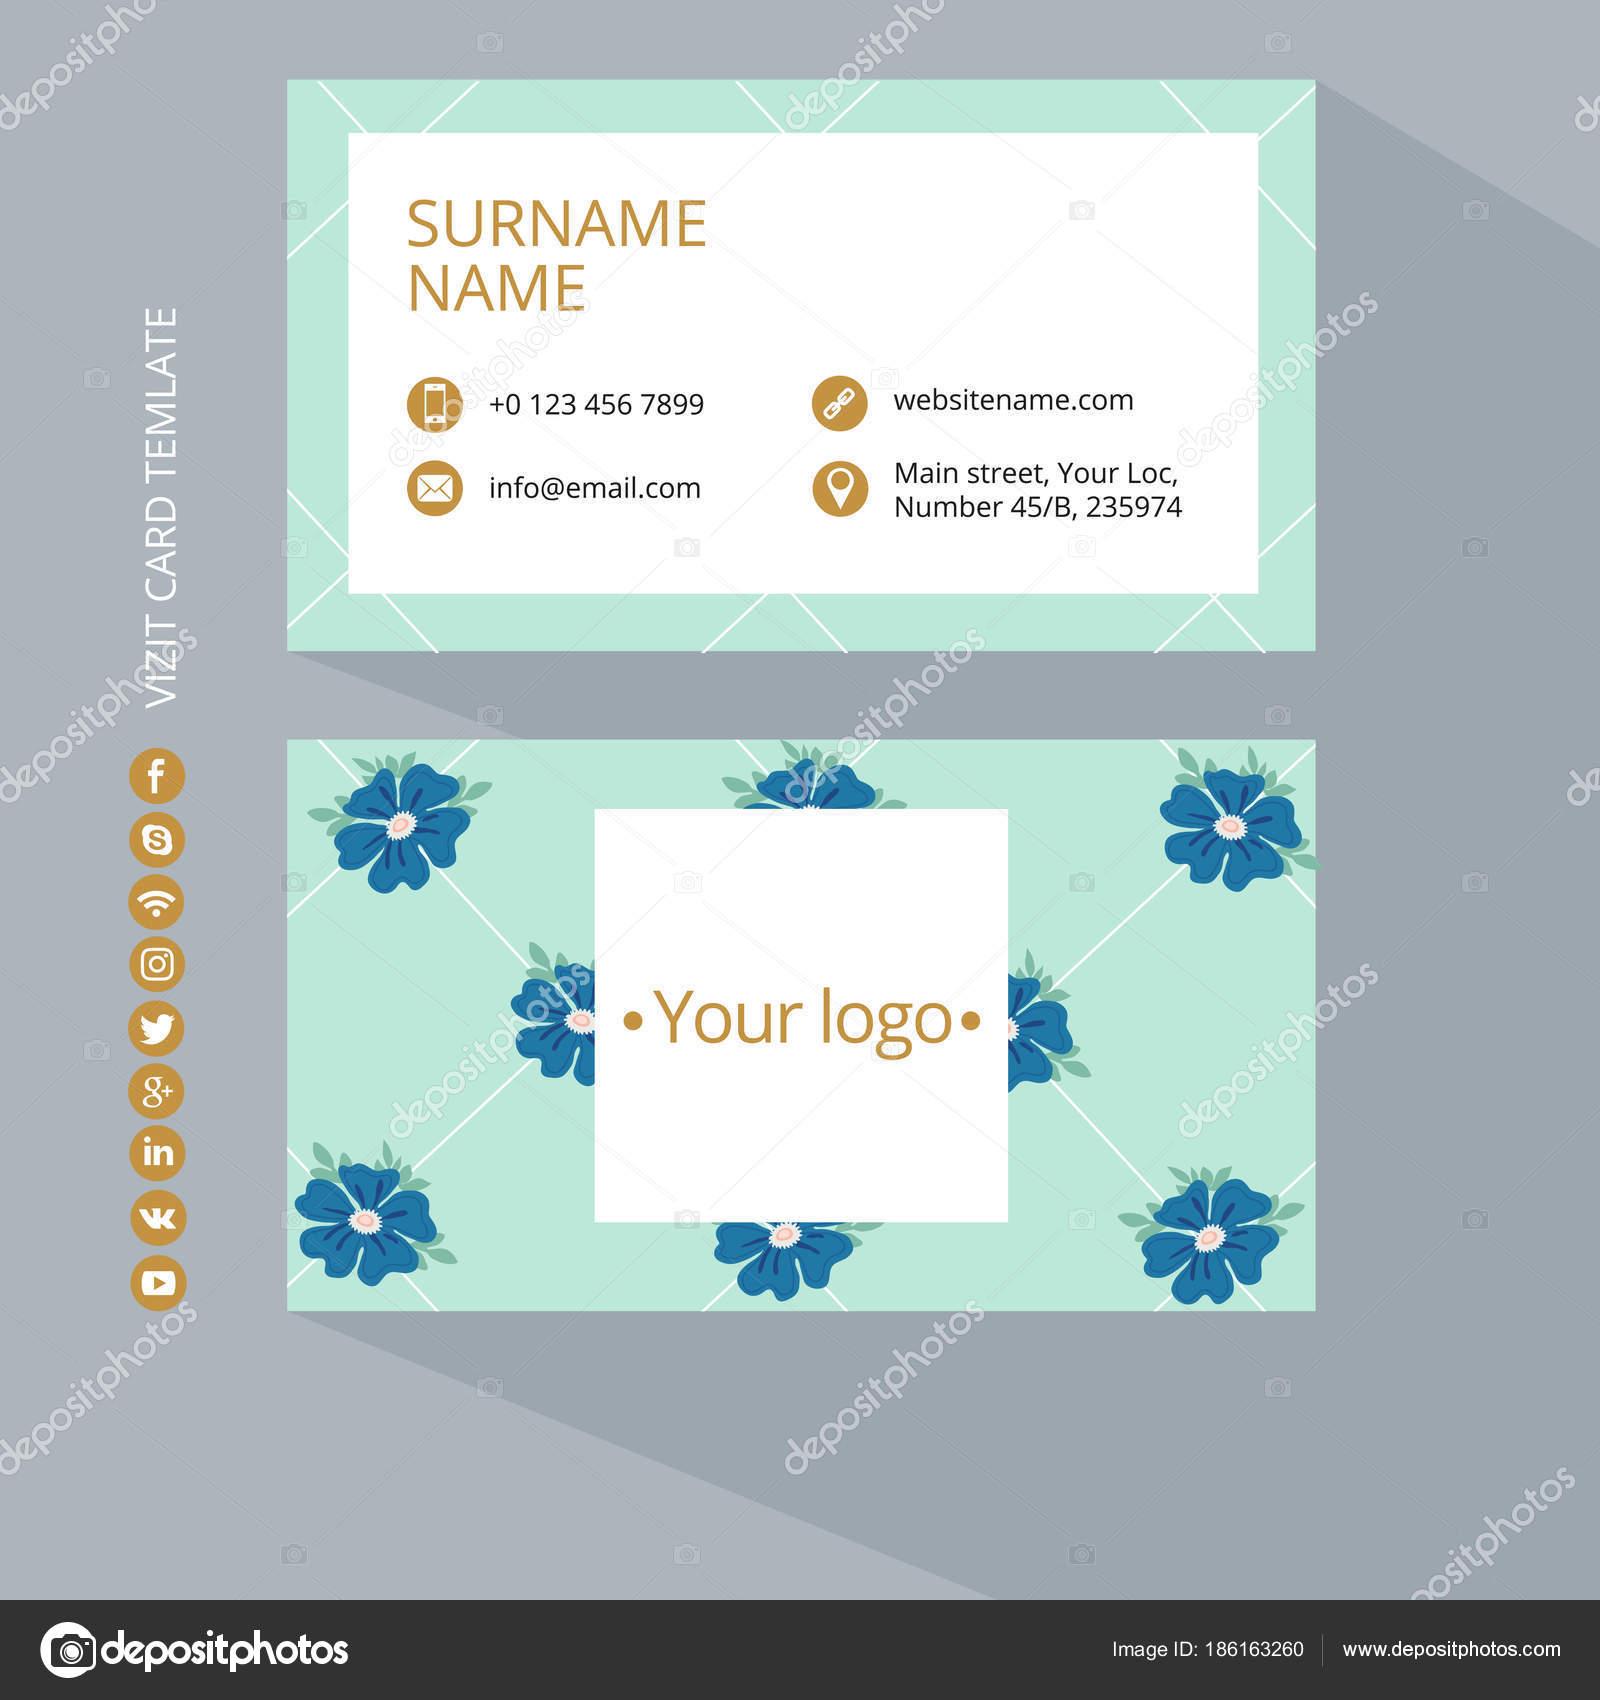 Couleurs Bleu Or Et Turquois Nettoyer Le Design Plat Illustration Vectorielle Maquette De Carte Visite Avec Motif Fleurs Sur